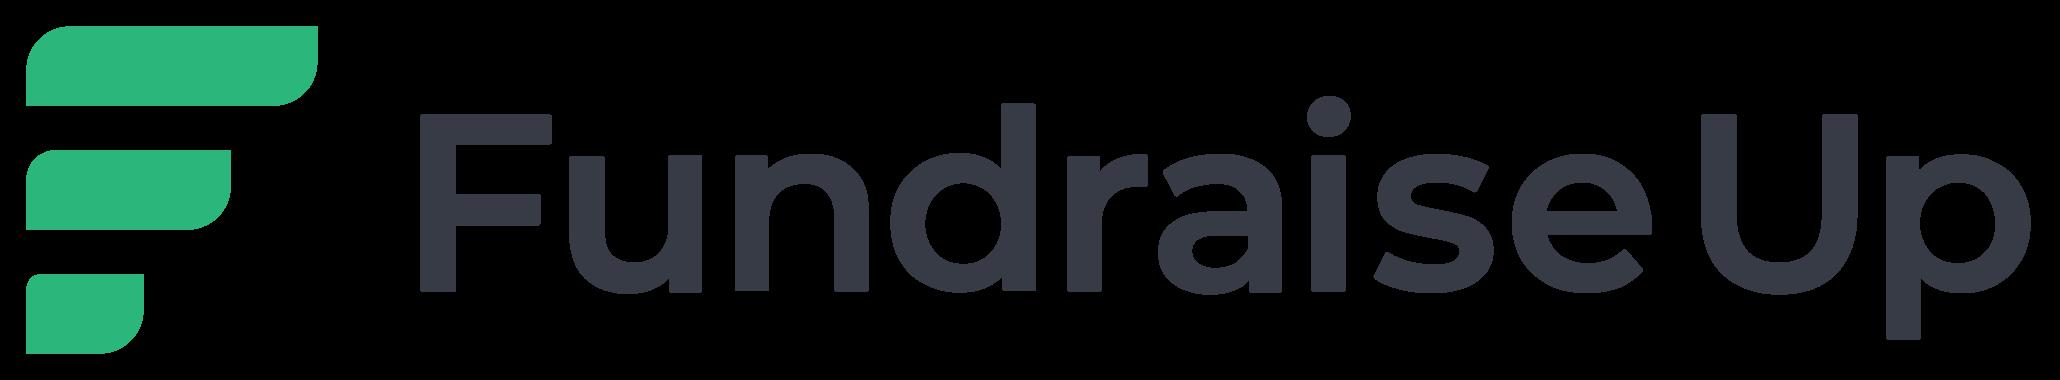 Fundraise Up logo